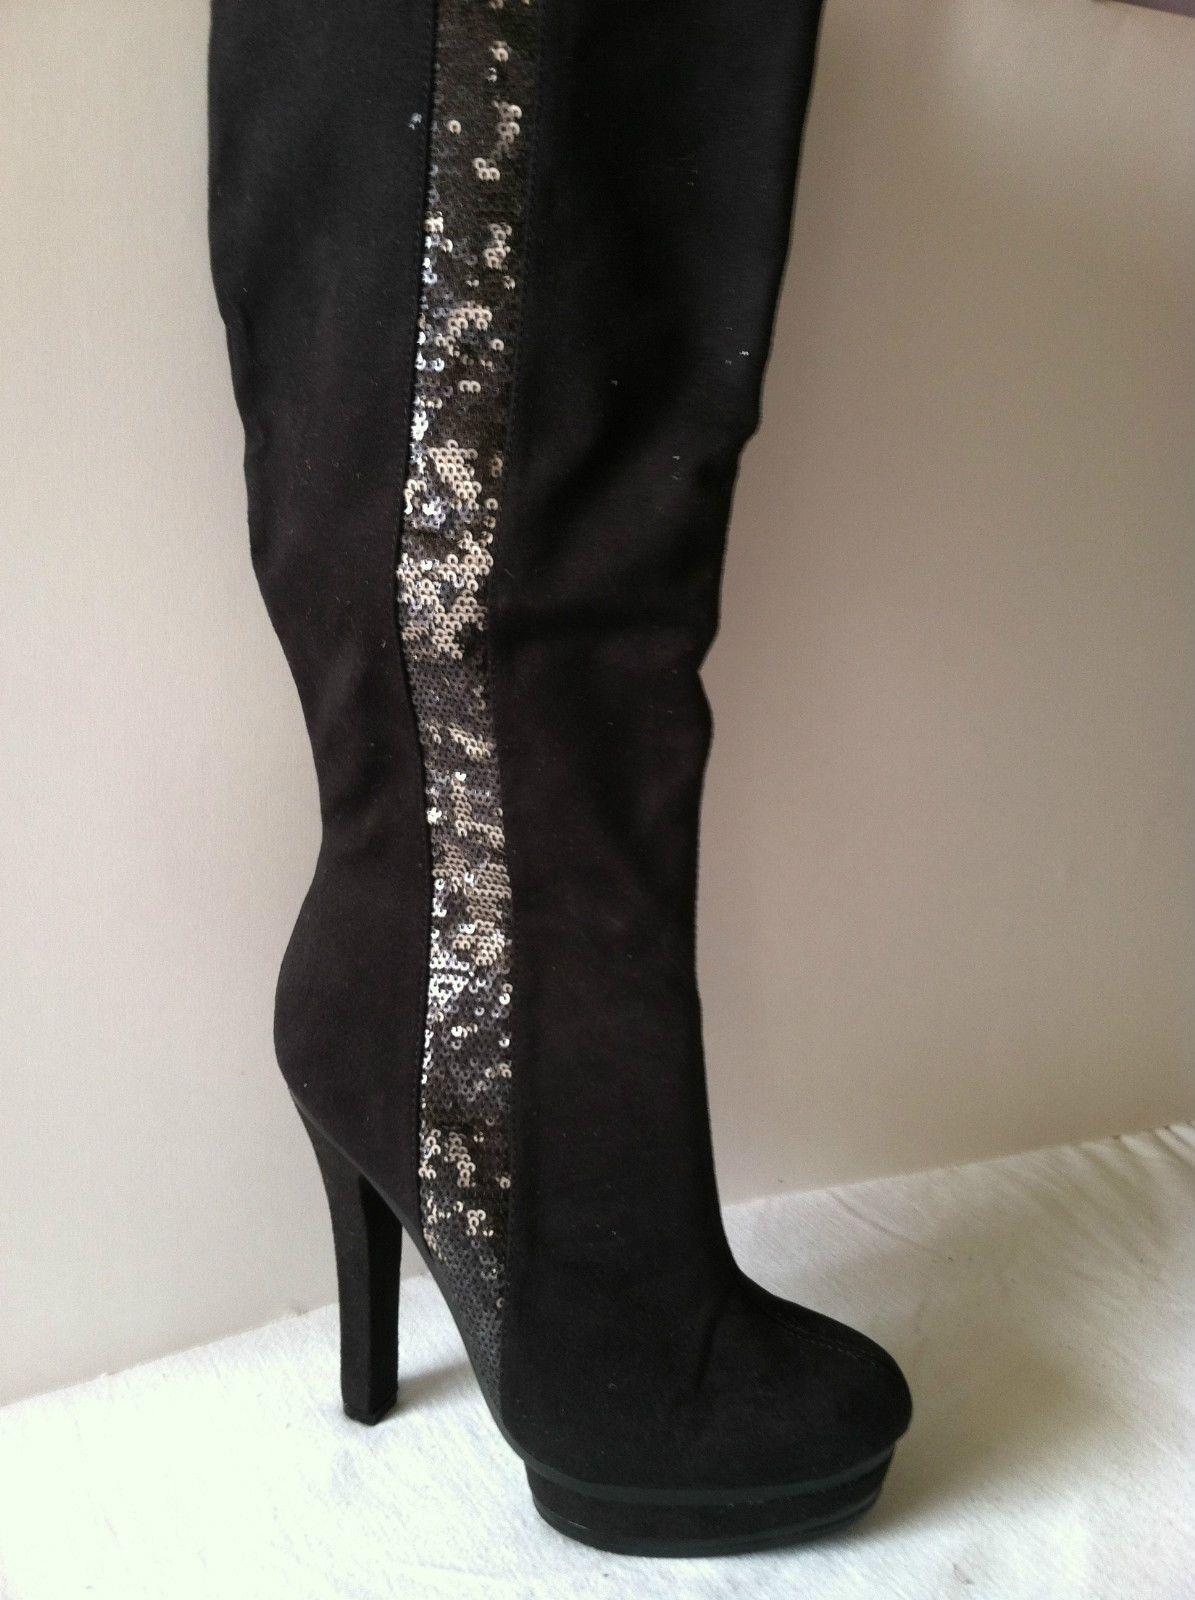 Jennifer Lopez Black Sequin Platform High Heeltall Boots Sz.6.5 7 7.5 8 9